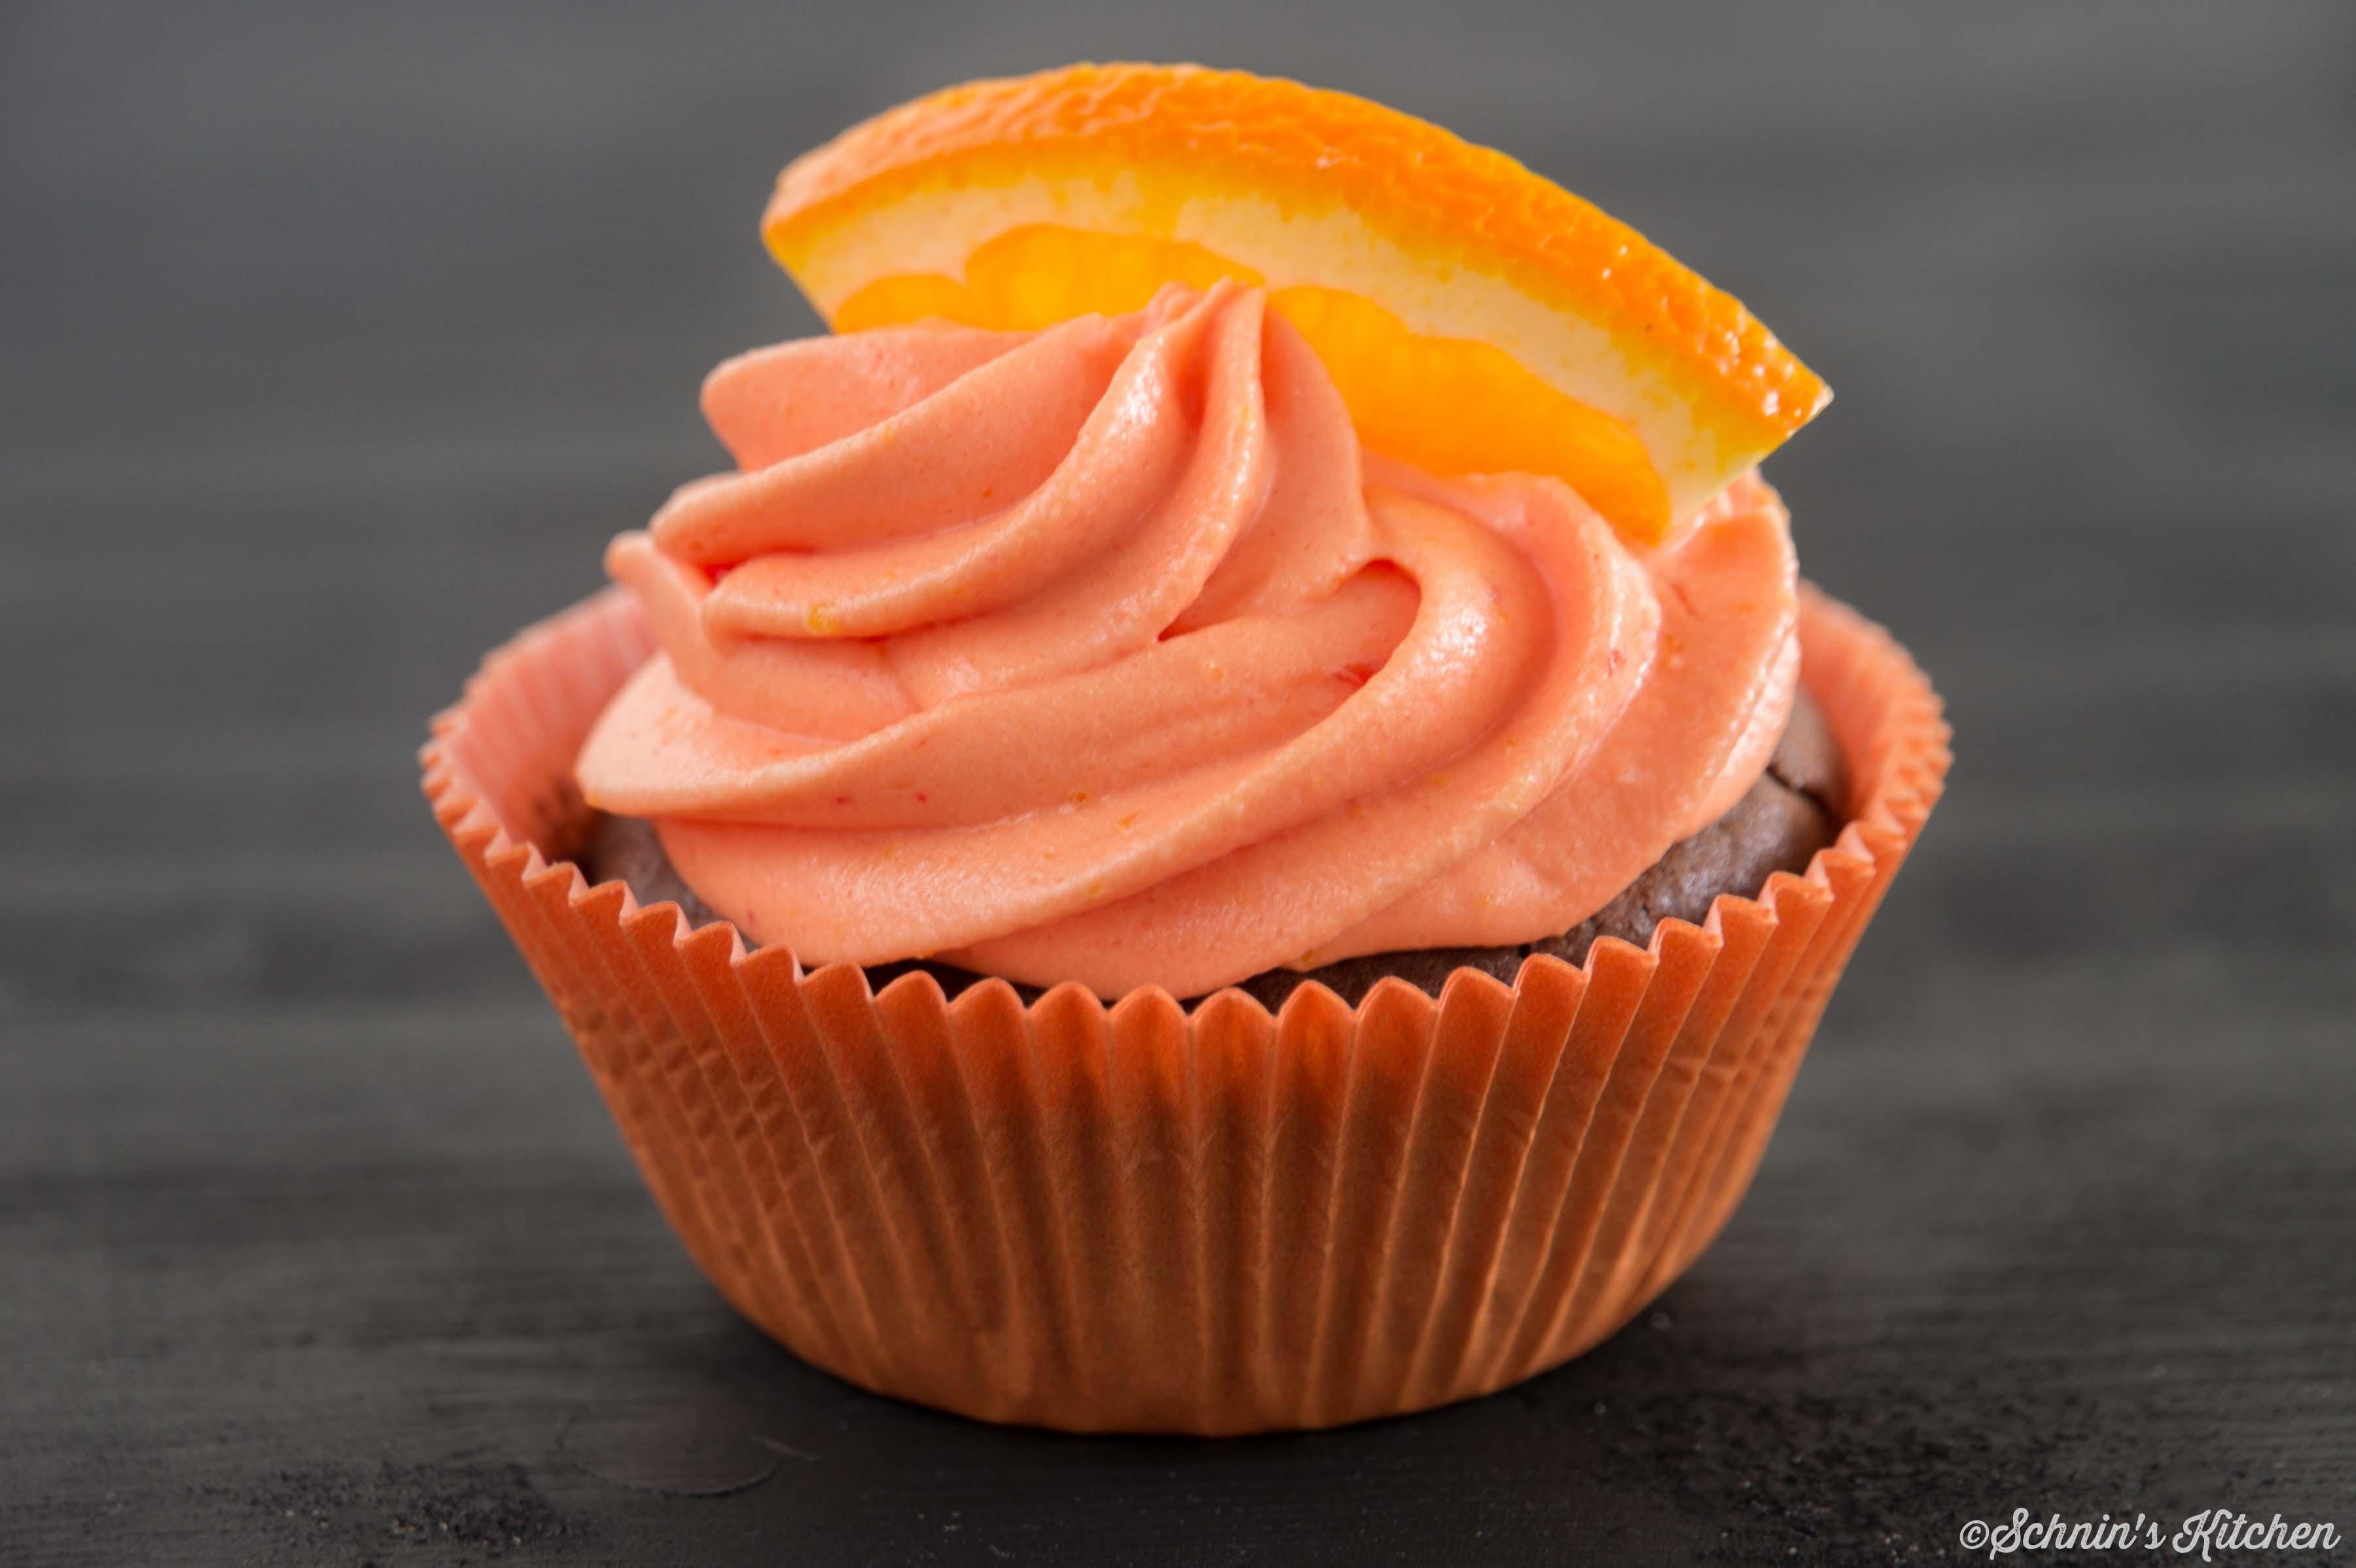 Schnin's Kitchen: Orangen-Cupcakes